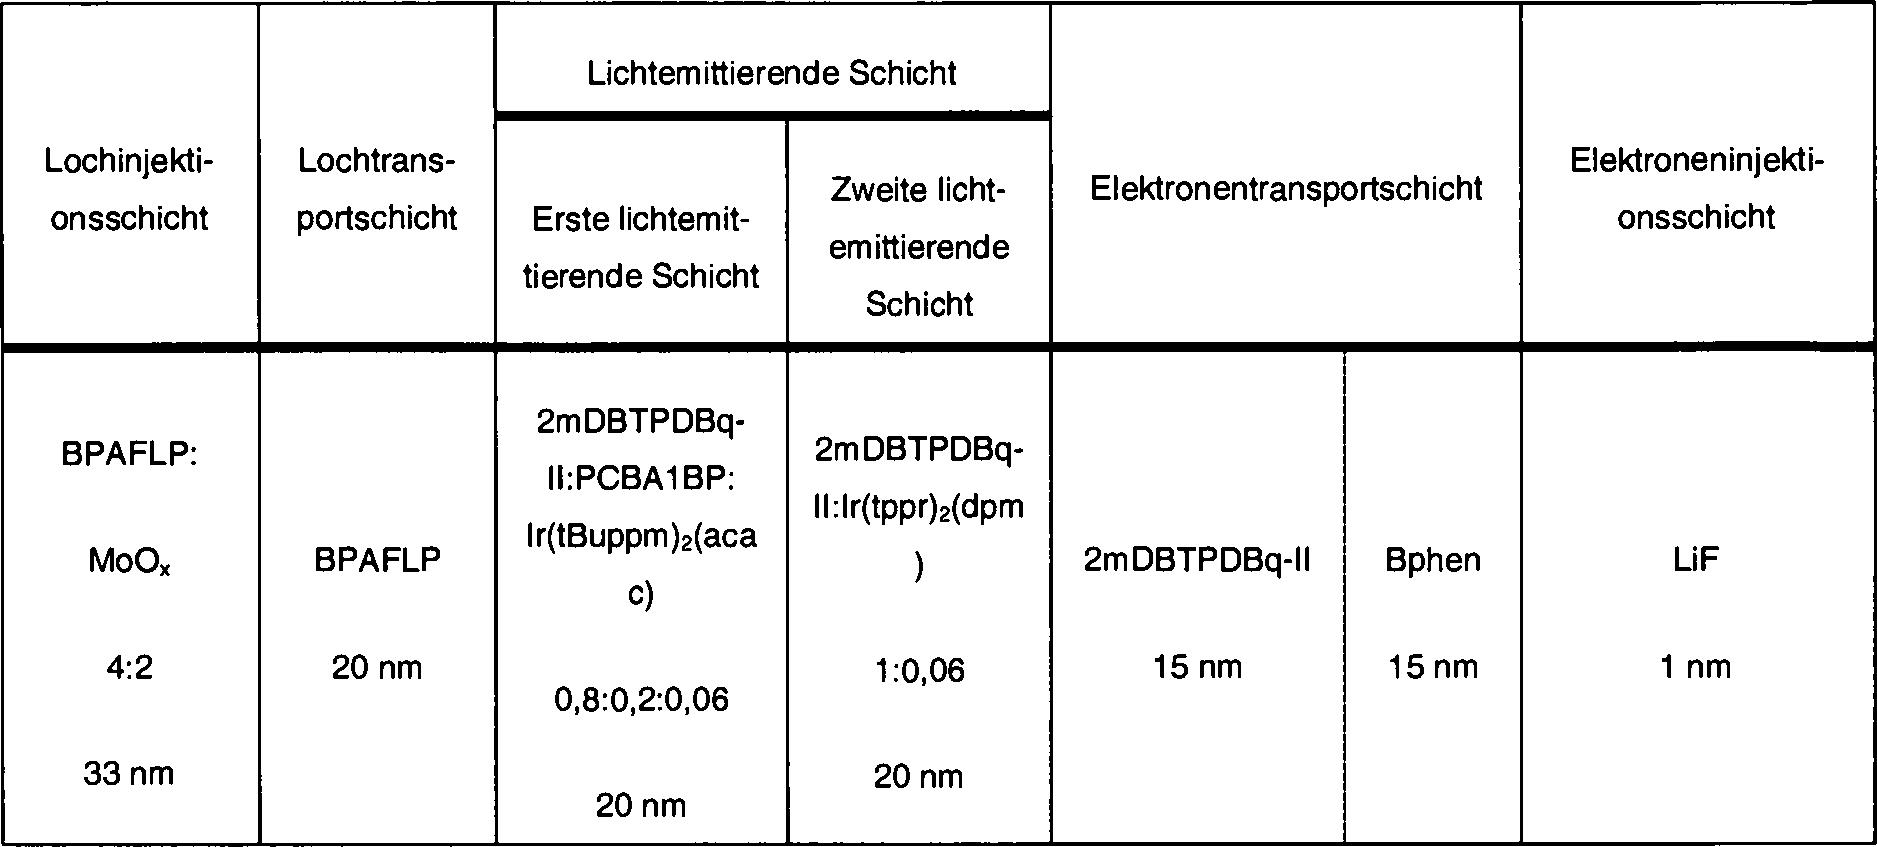 Berühmt Zwei Wege Schalter Lichtstromkreis Fotos - Die Besten ...